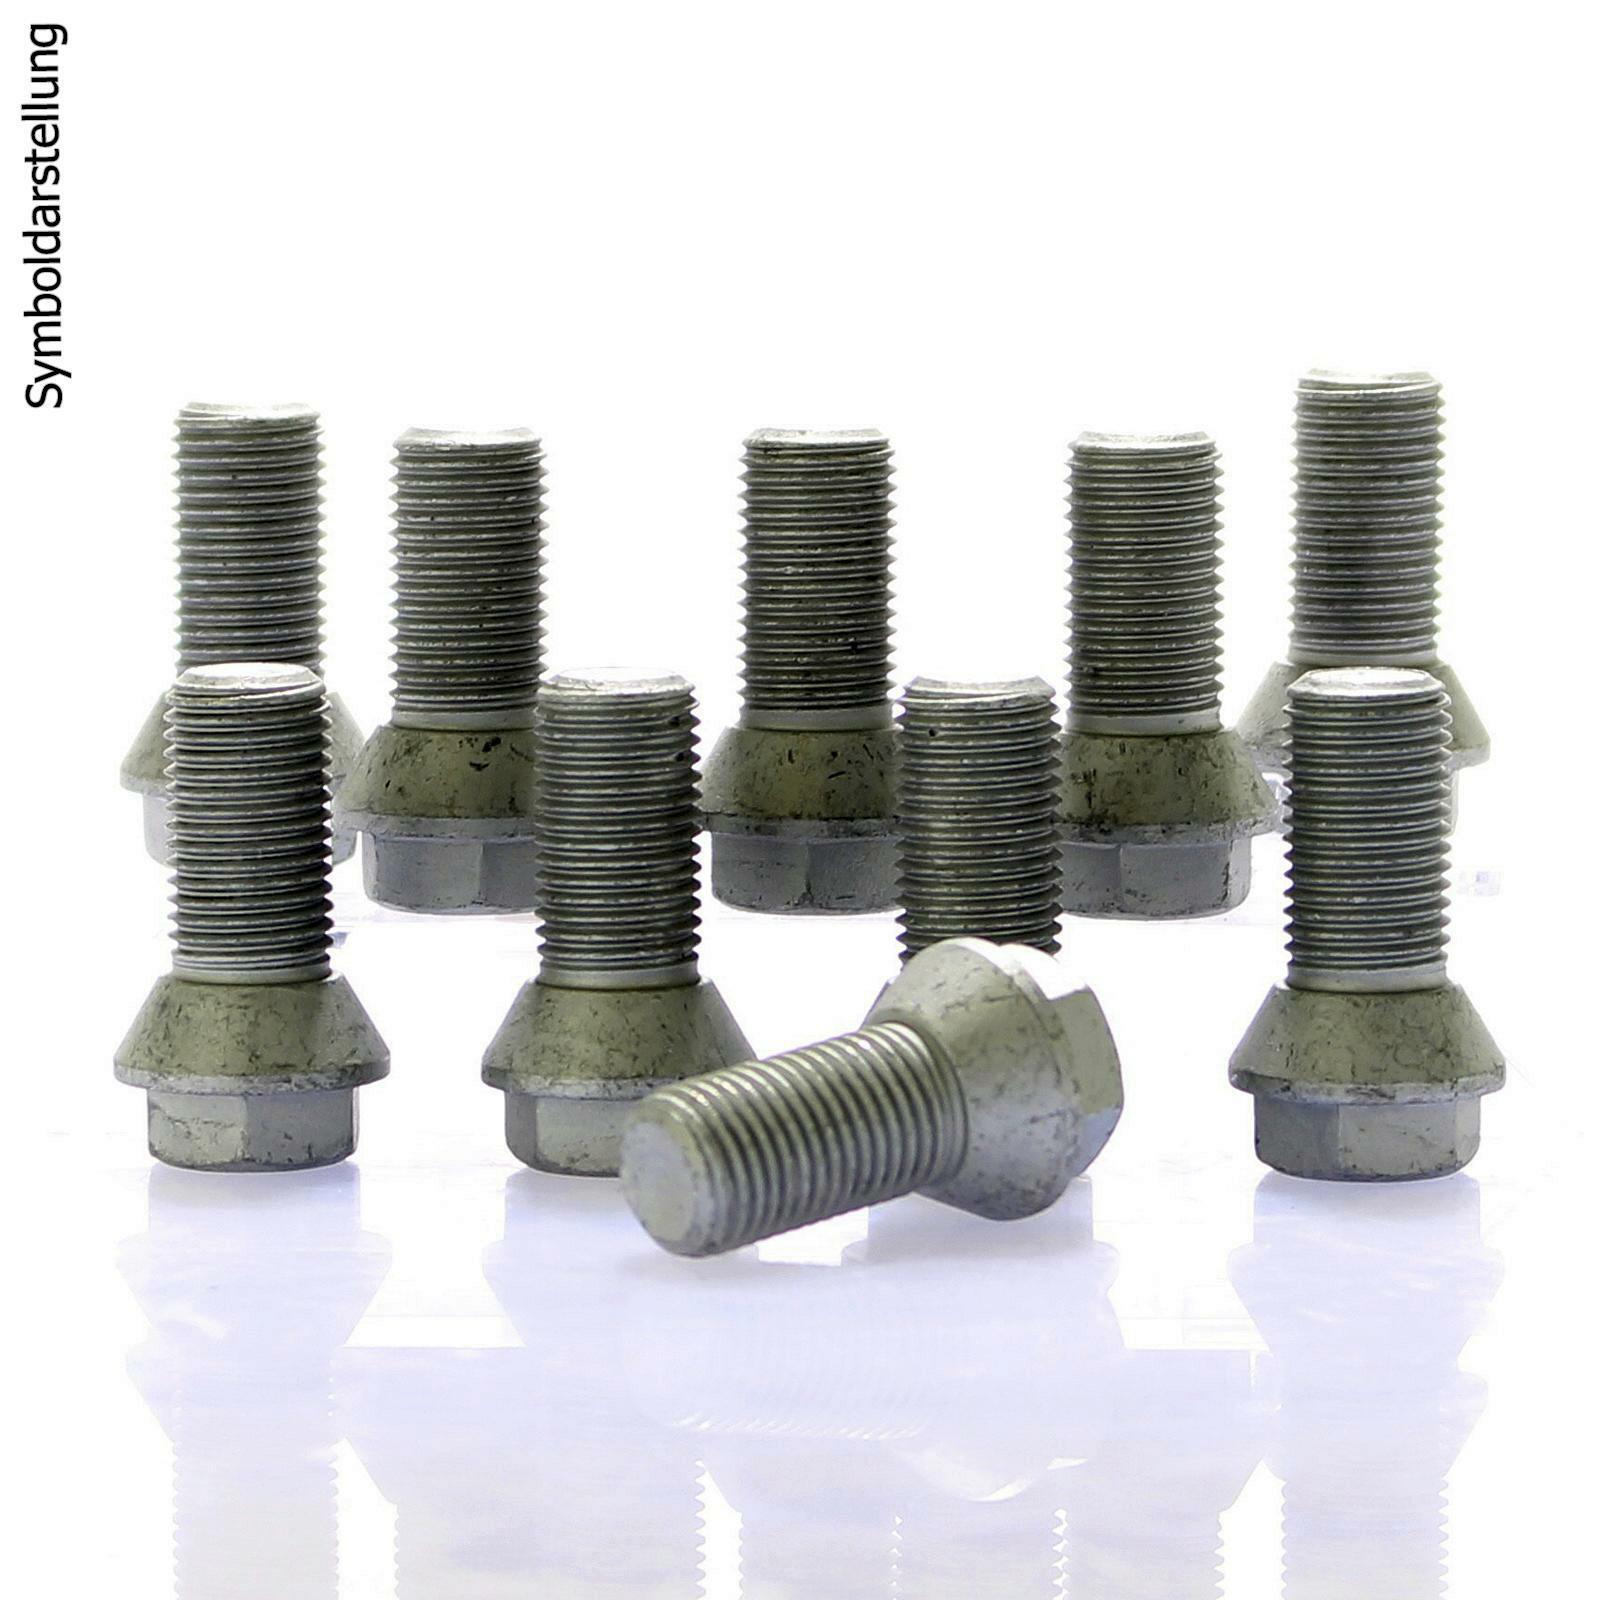 H&R DRA Spurplatten Spurverbreiterung Distanzscheiben/Ringe 5x120 40mm // 2x20mm